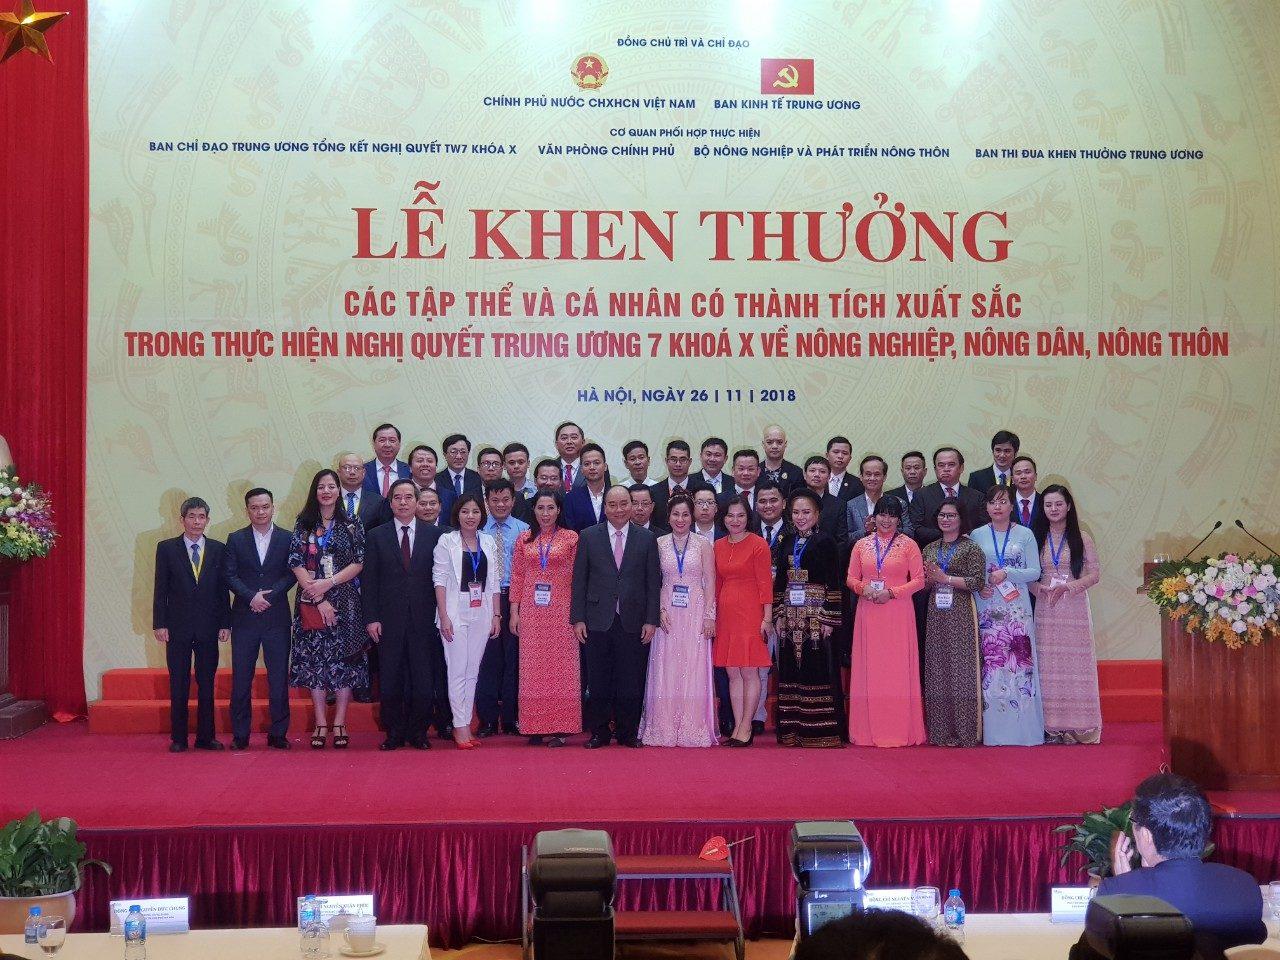 CEO Nextfarm ông Trần Quang Cường, áo vest xanh, hàng thứ hai, đứng ngay sau Thủ tướng Nguyễn Xuân Phúc